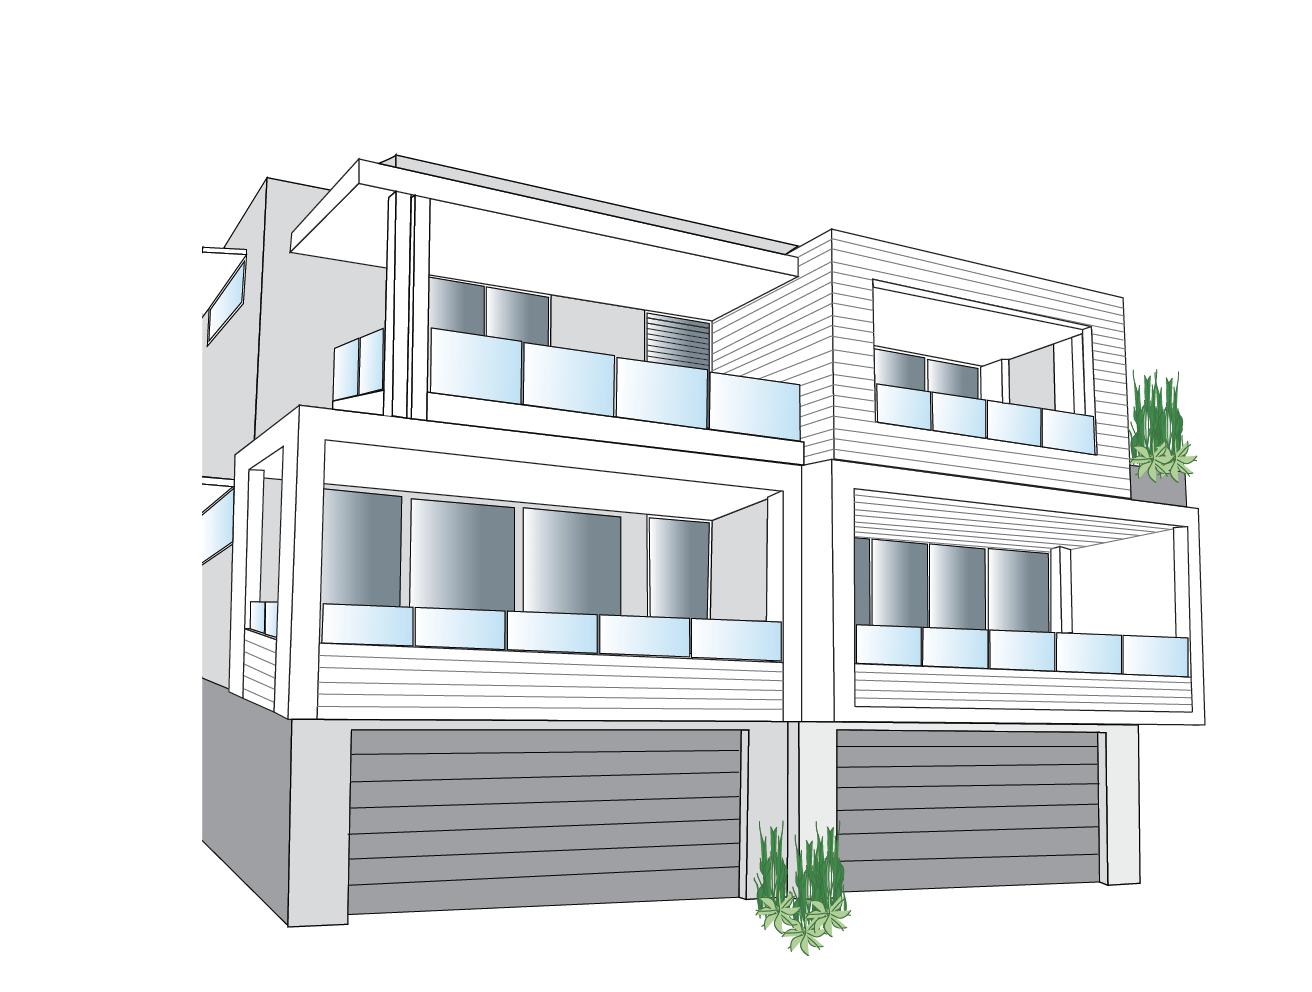 facade 2.png